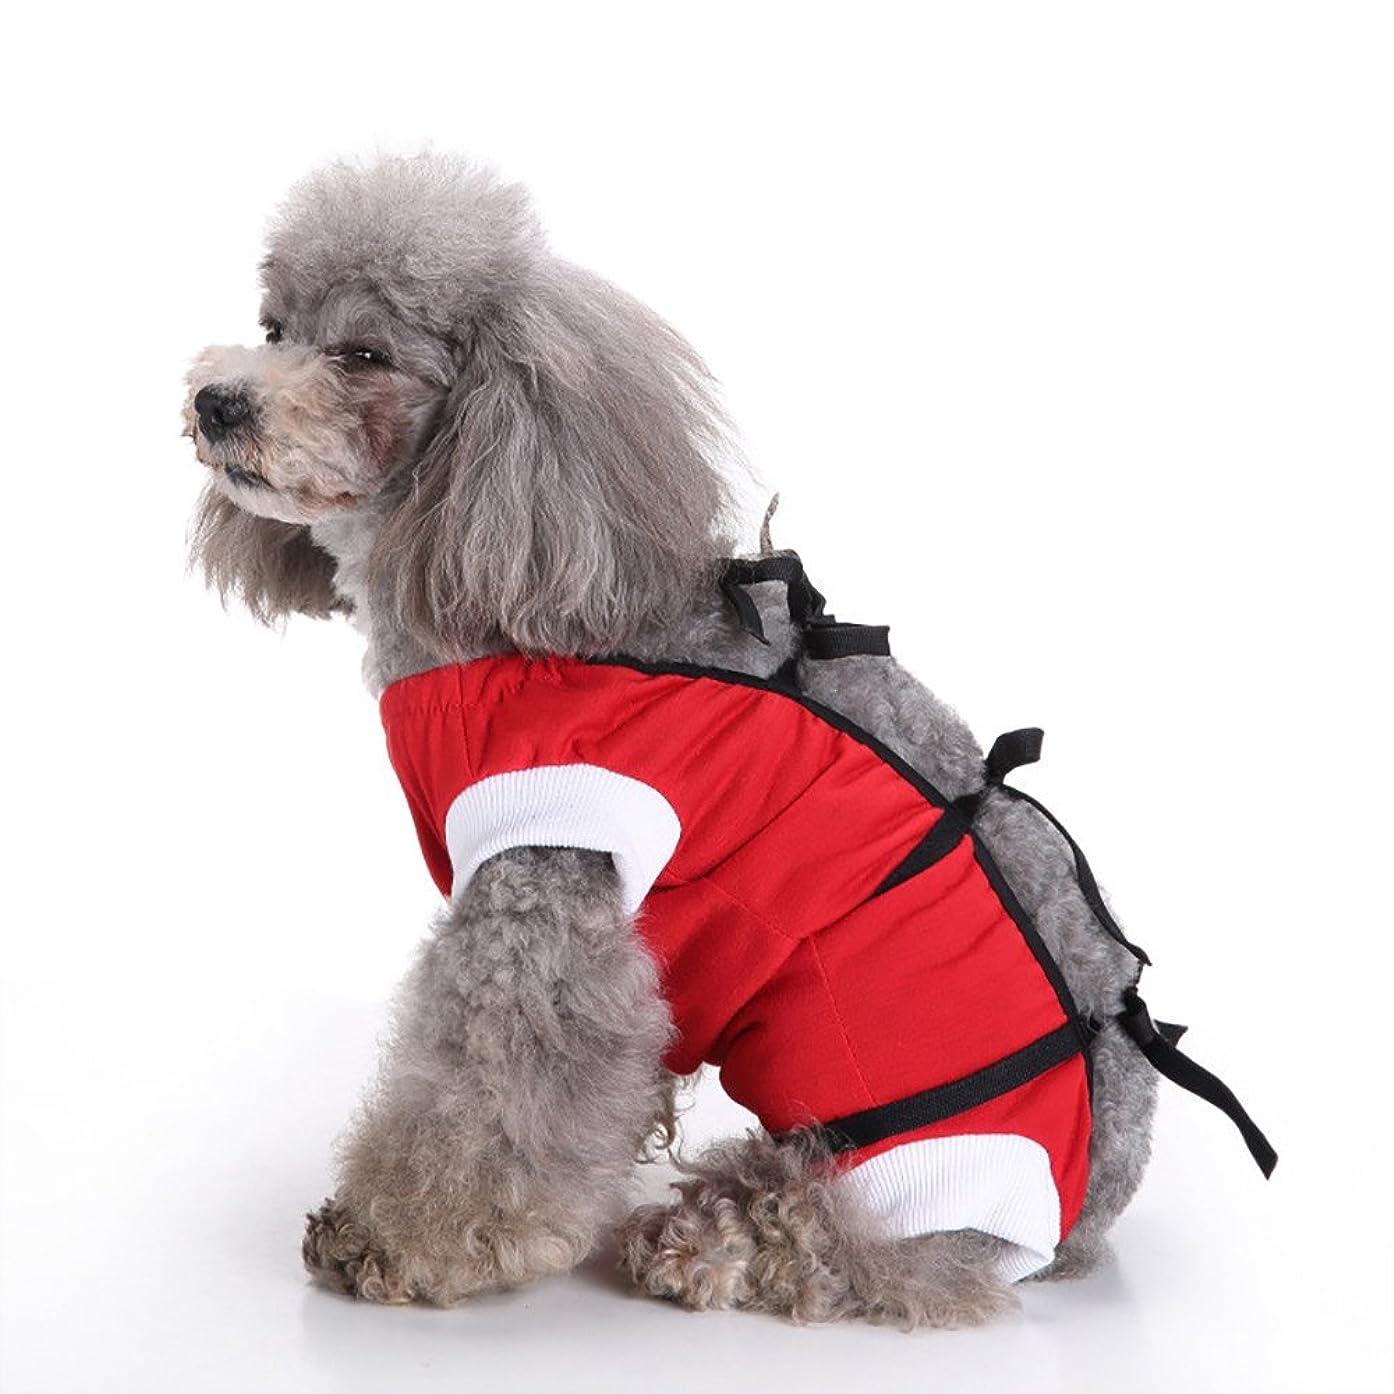 ごみ分満足Joielmal クインウィンド ペット犬猫手術用ベスト(犬用)夏用腹部創傷疾患手術後の保護犬用ベスト XS- L